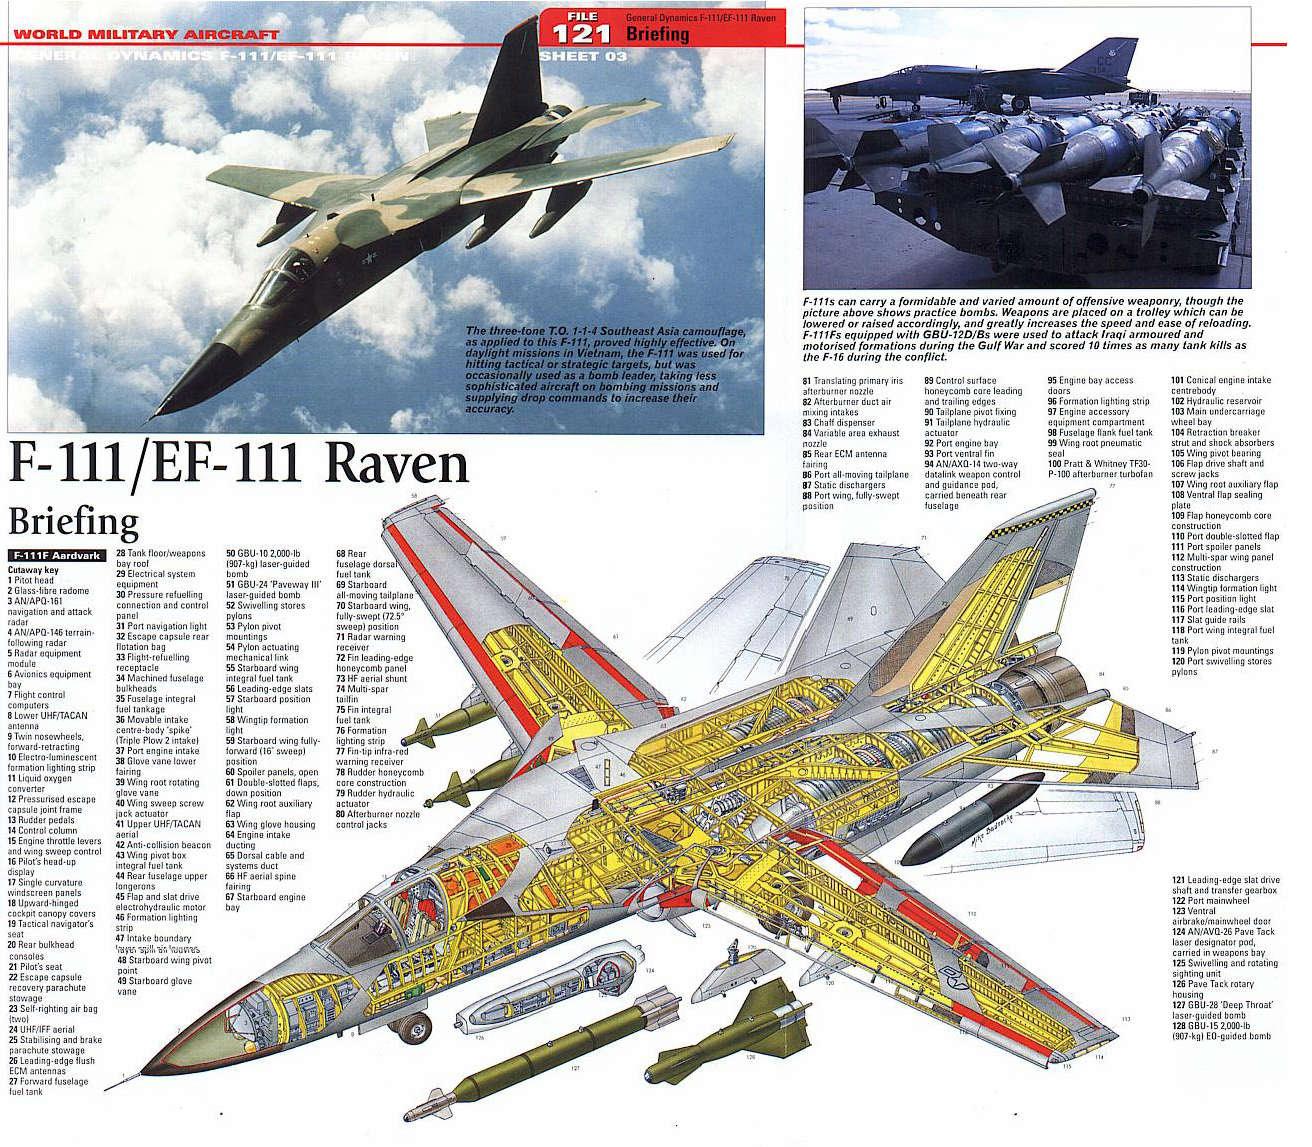 [Cutaway] F-111 Aardvark | SOBCHAK SECURITY - est. 2005